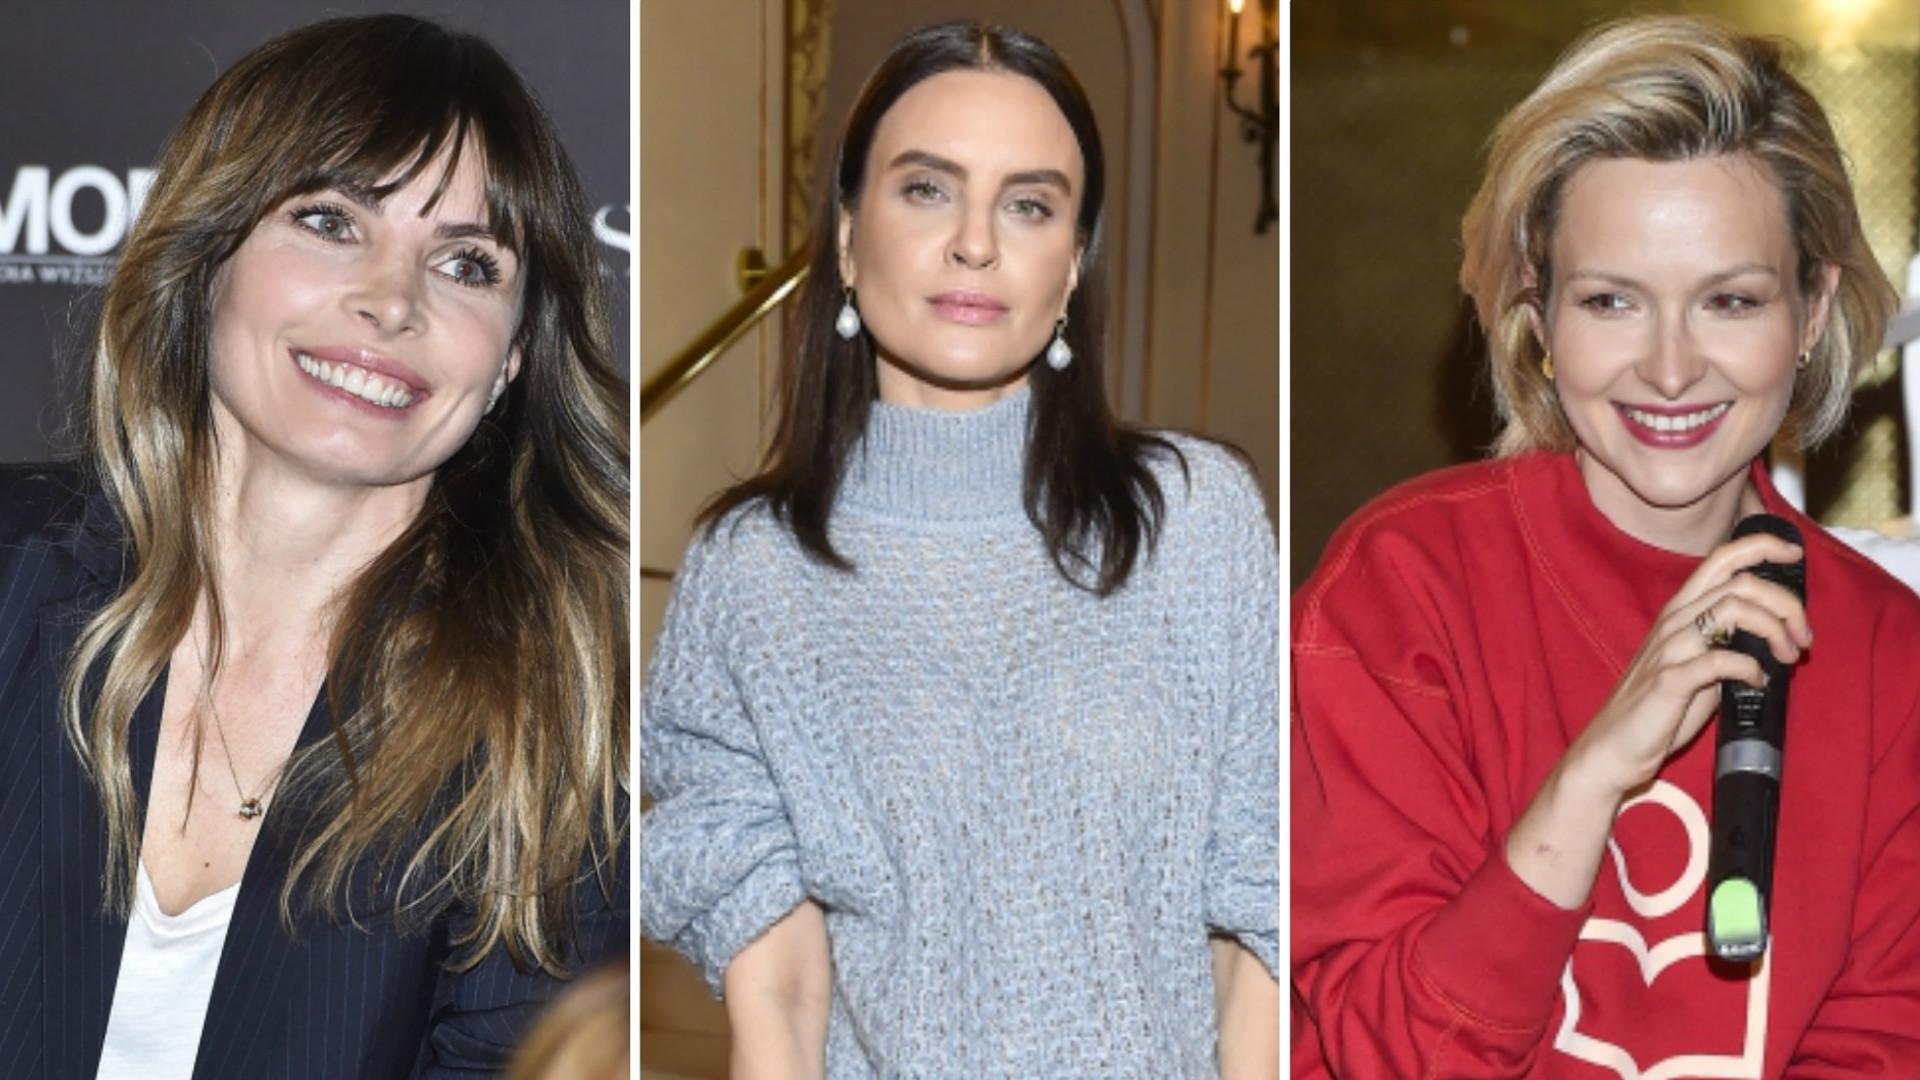 Gwiazdy na spotkaniu prasowym Fashion Designer Awards (ZDJĘCIA)